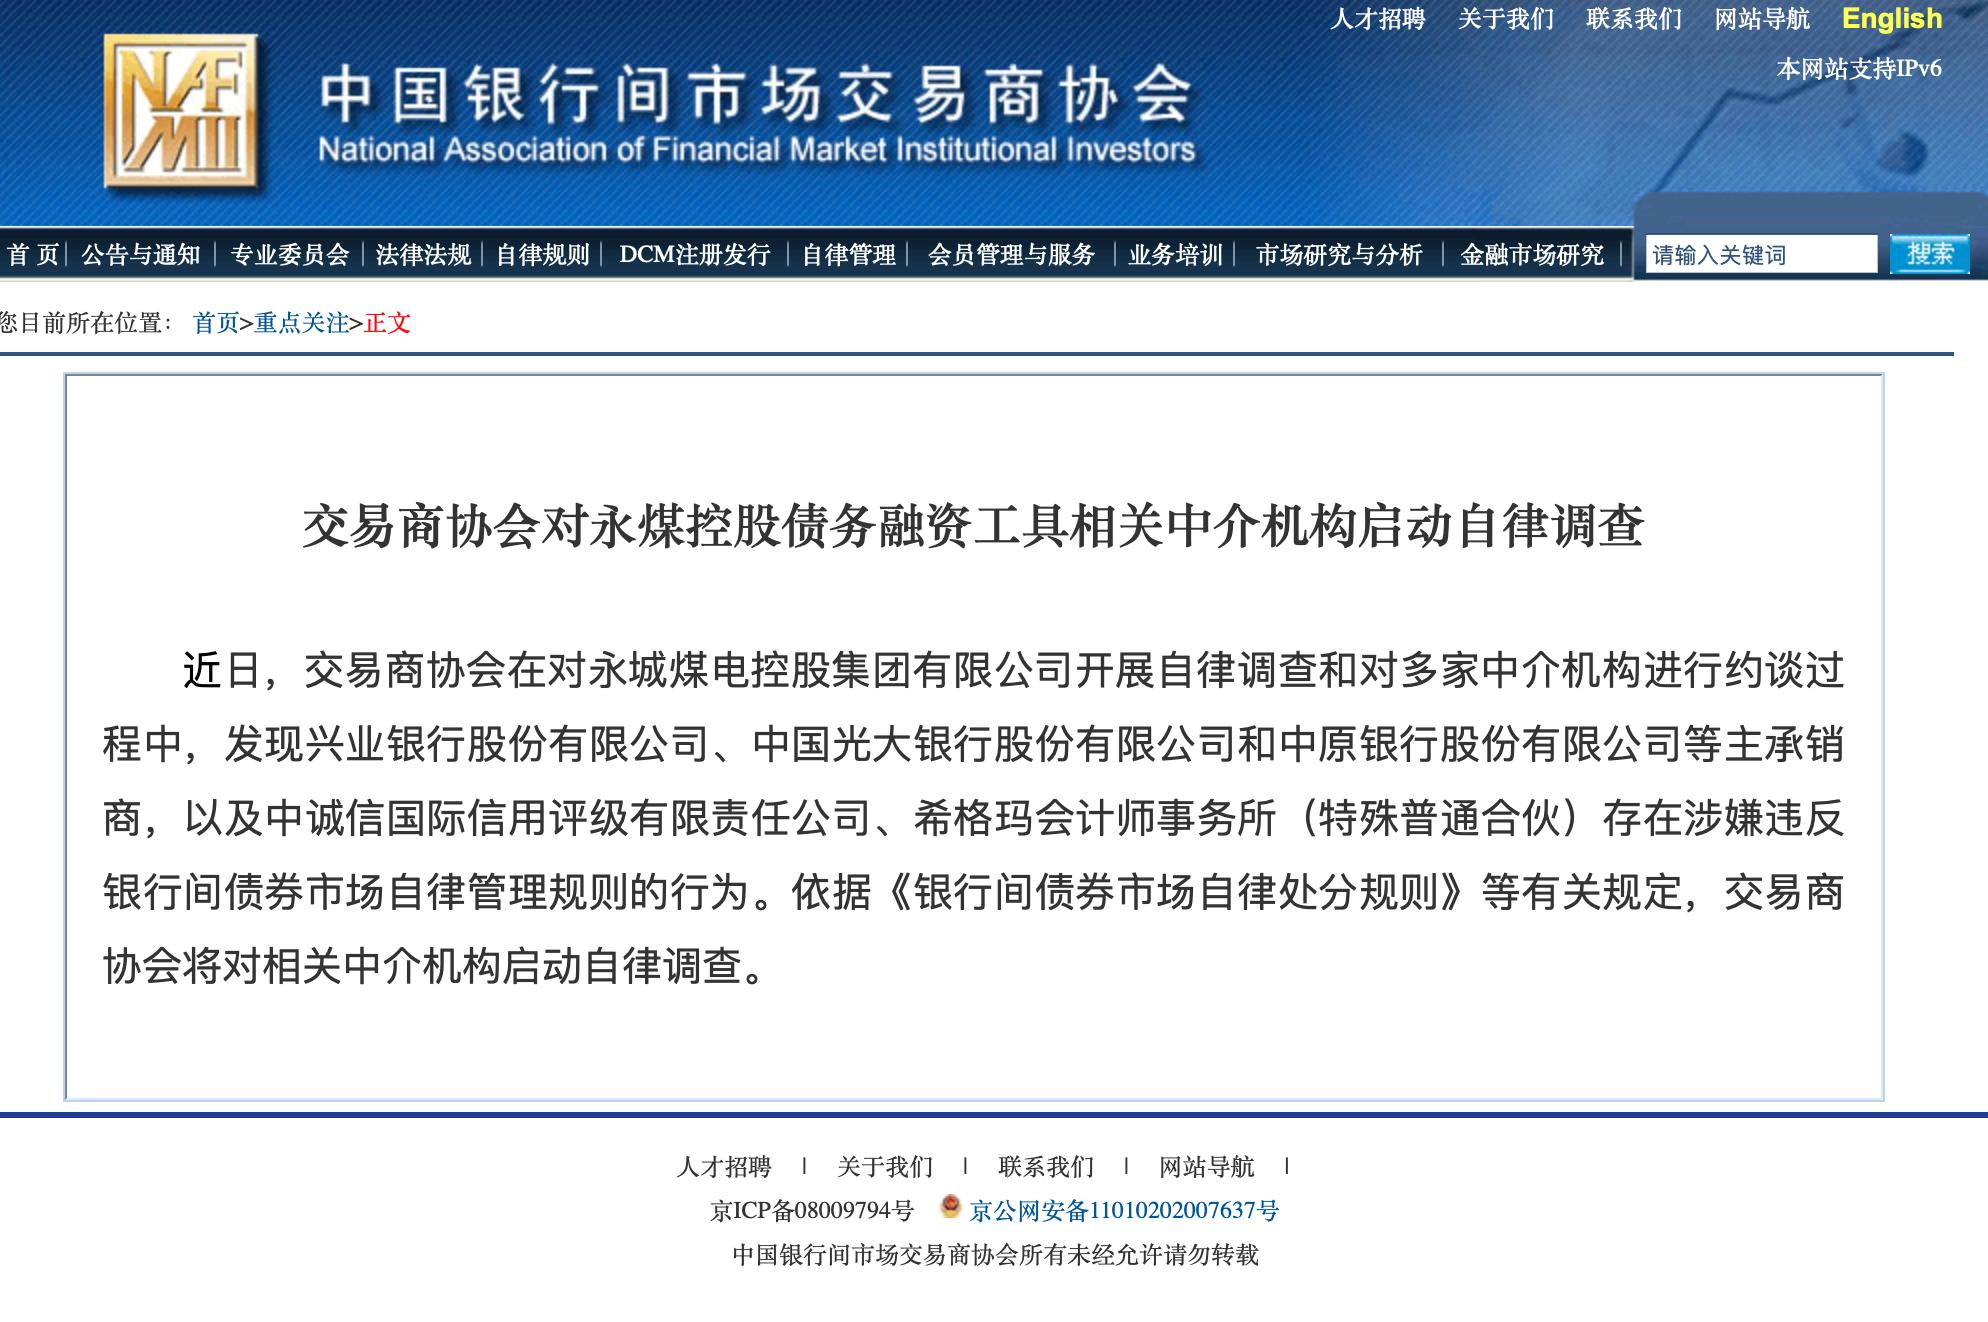 永煤事件再发酵!交易商协会对多家金融机构启动自律调查